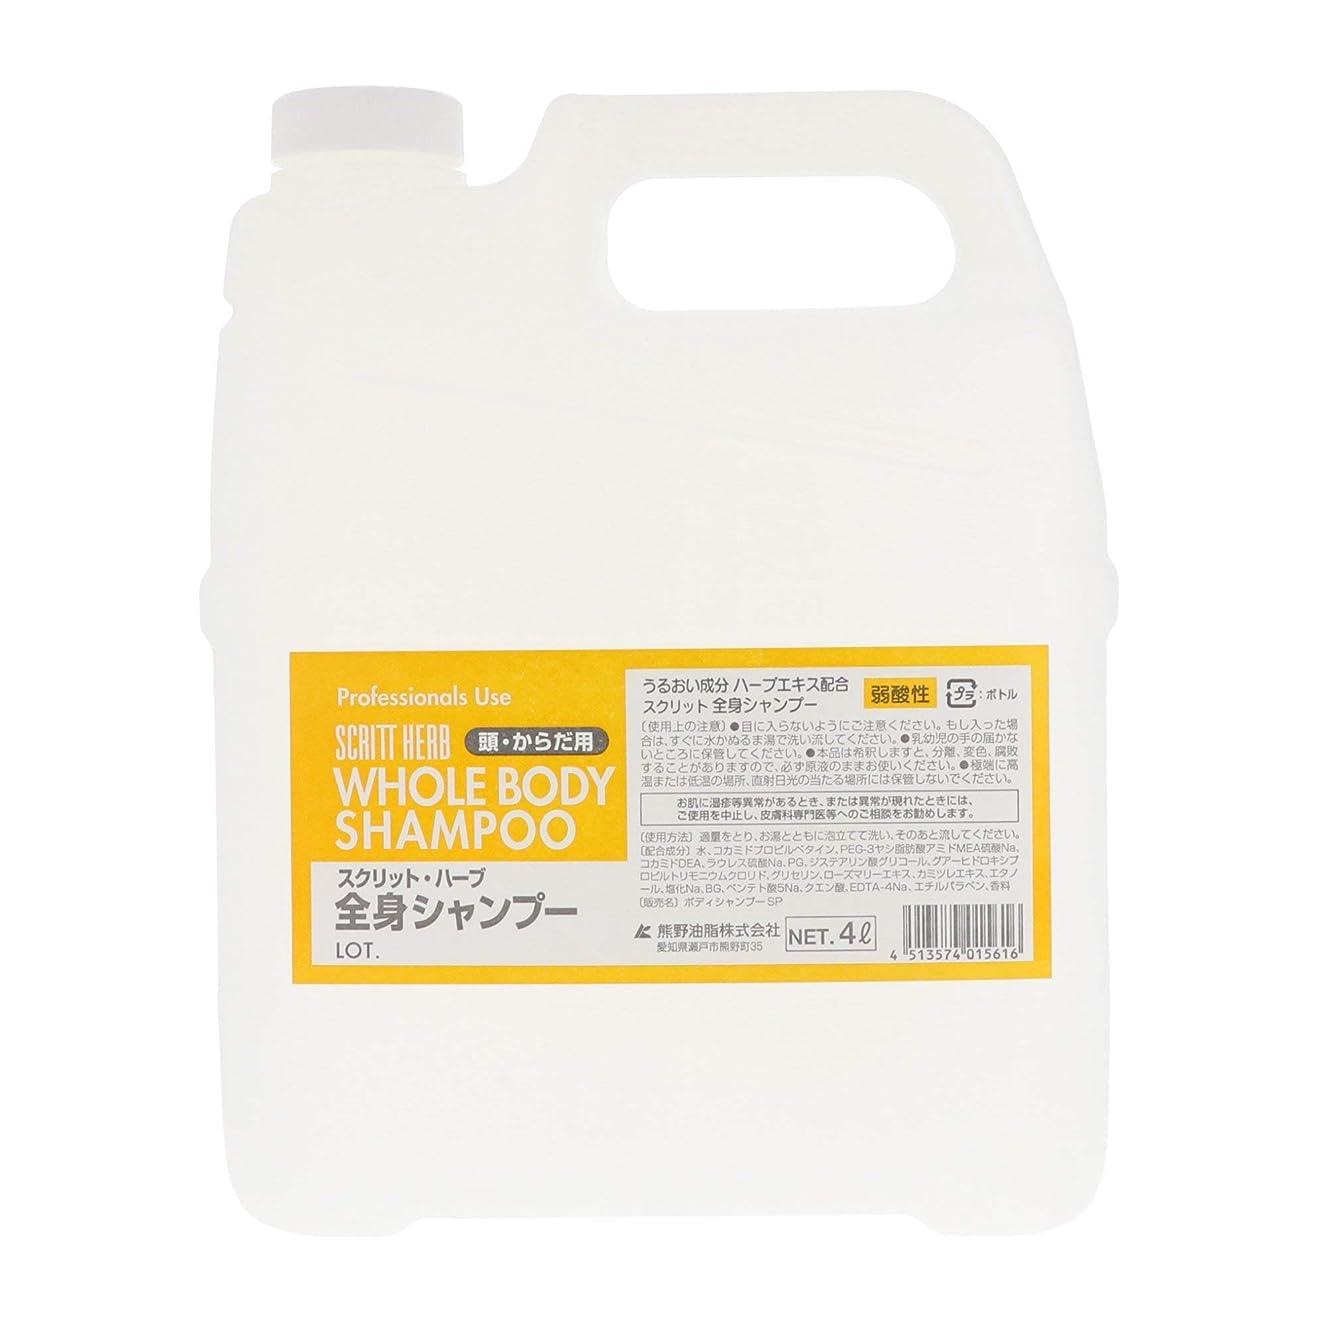 信仰サンダース形式熊野油脂 業務用 SCRITT(スクリット) 全身シャンプー 4L